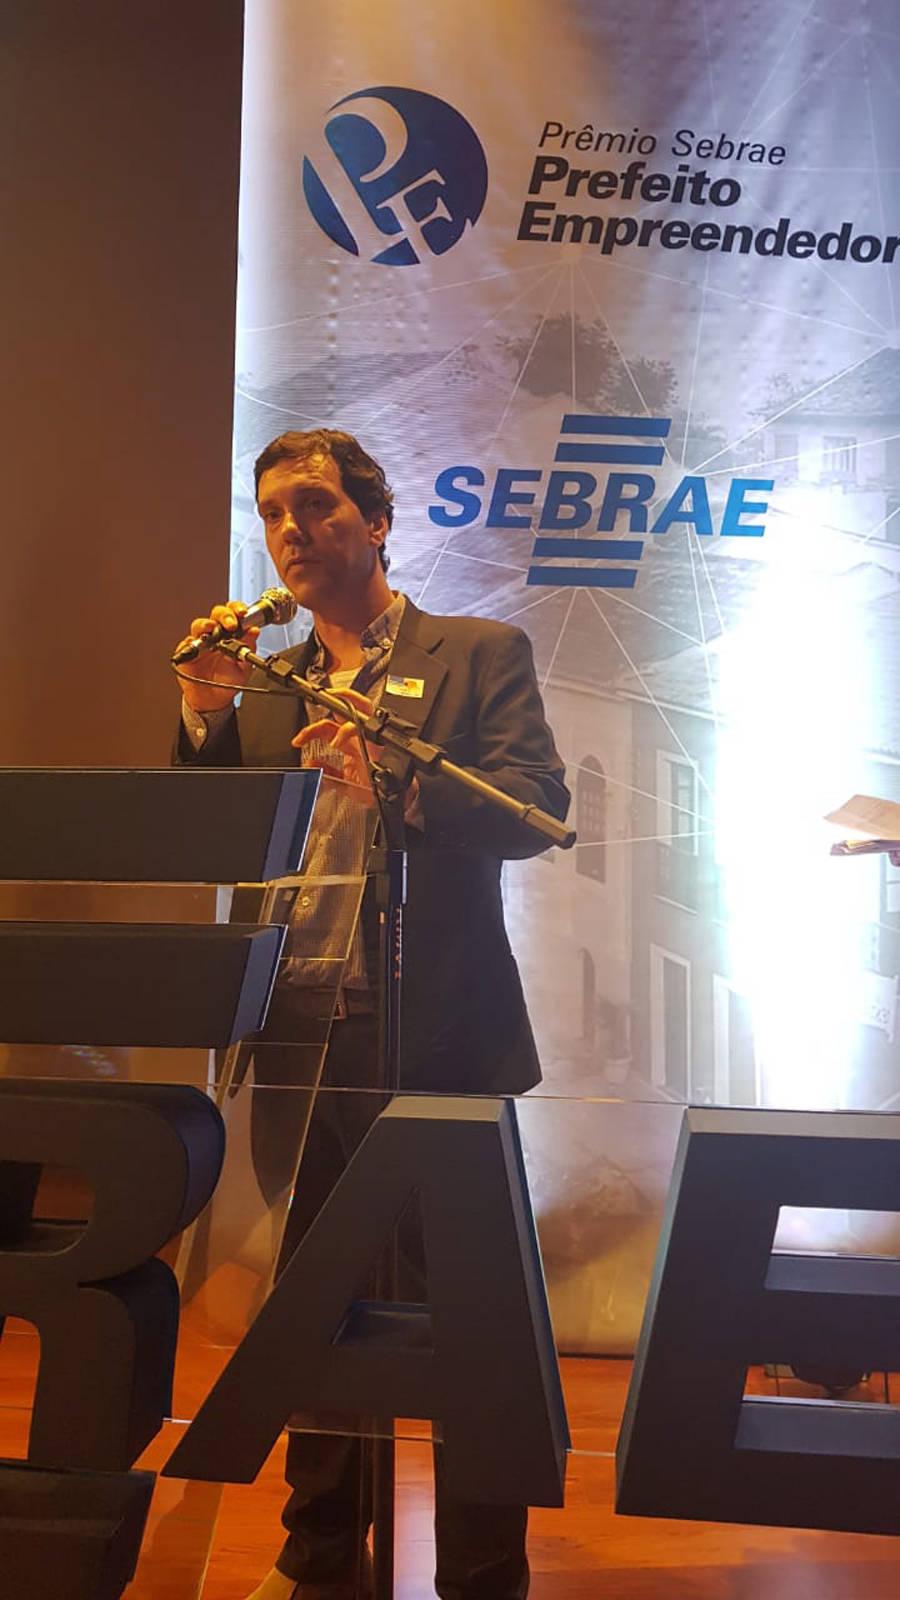 Como Marcelo Belinati está em férias, o secretário da Gestão Pública, Fabio Cavazotti, o representou na premiação